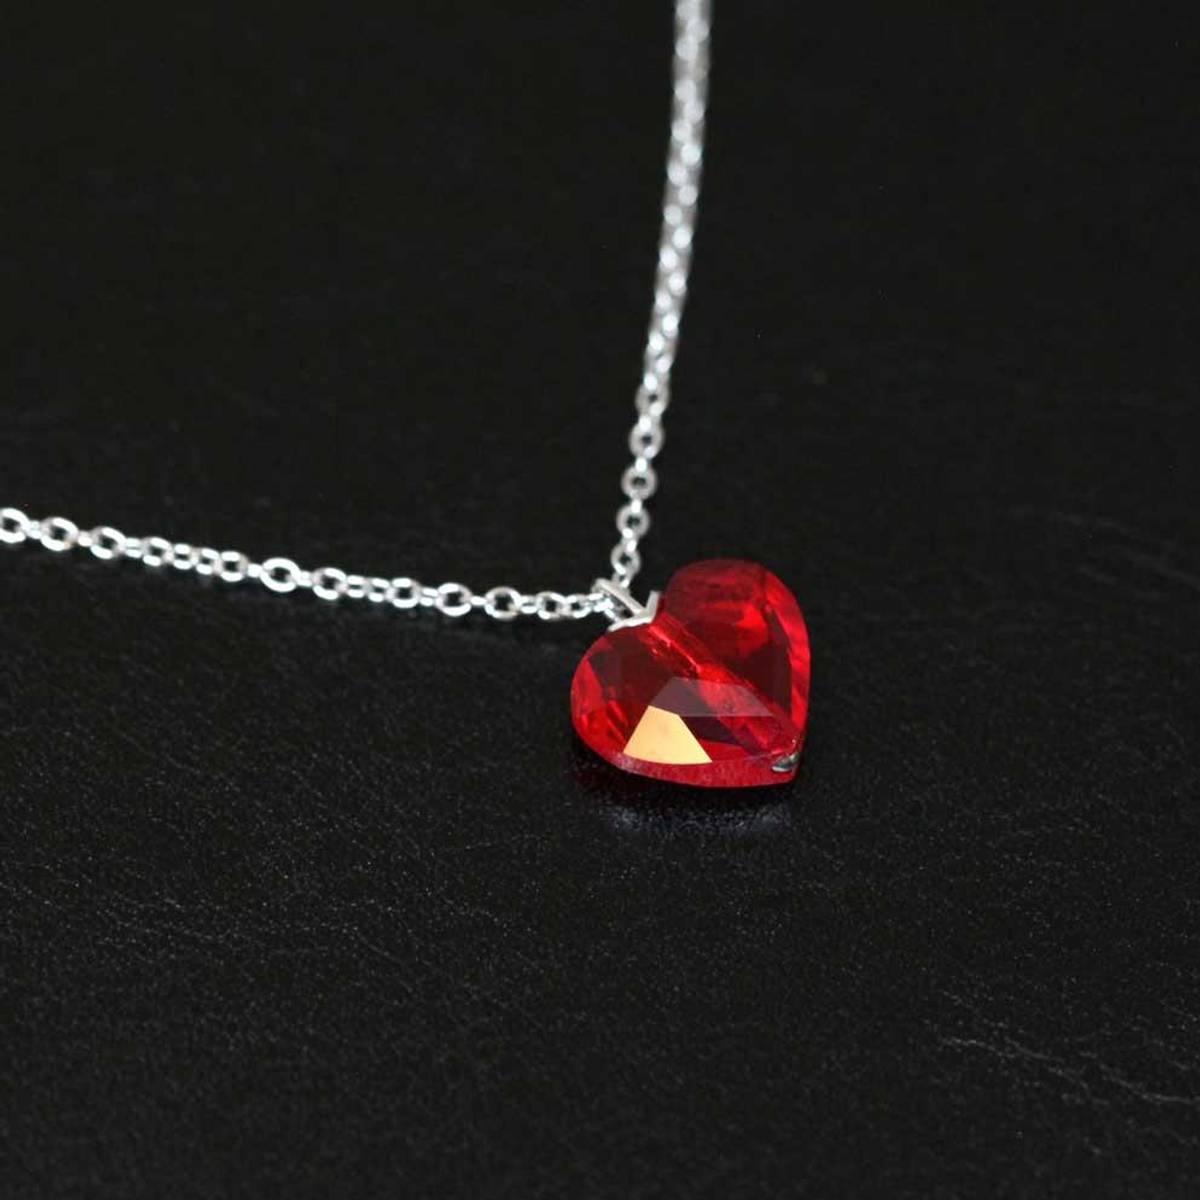 Hjerteformet krystall - Sølvsmykke